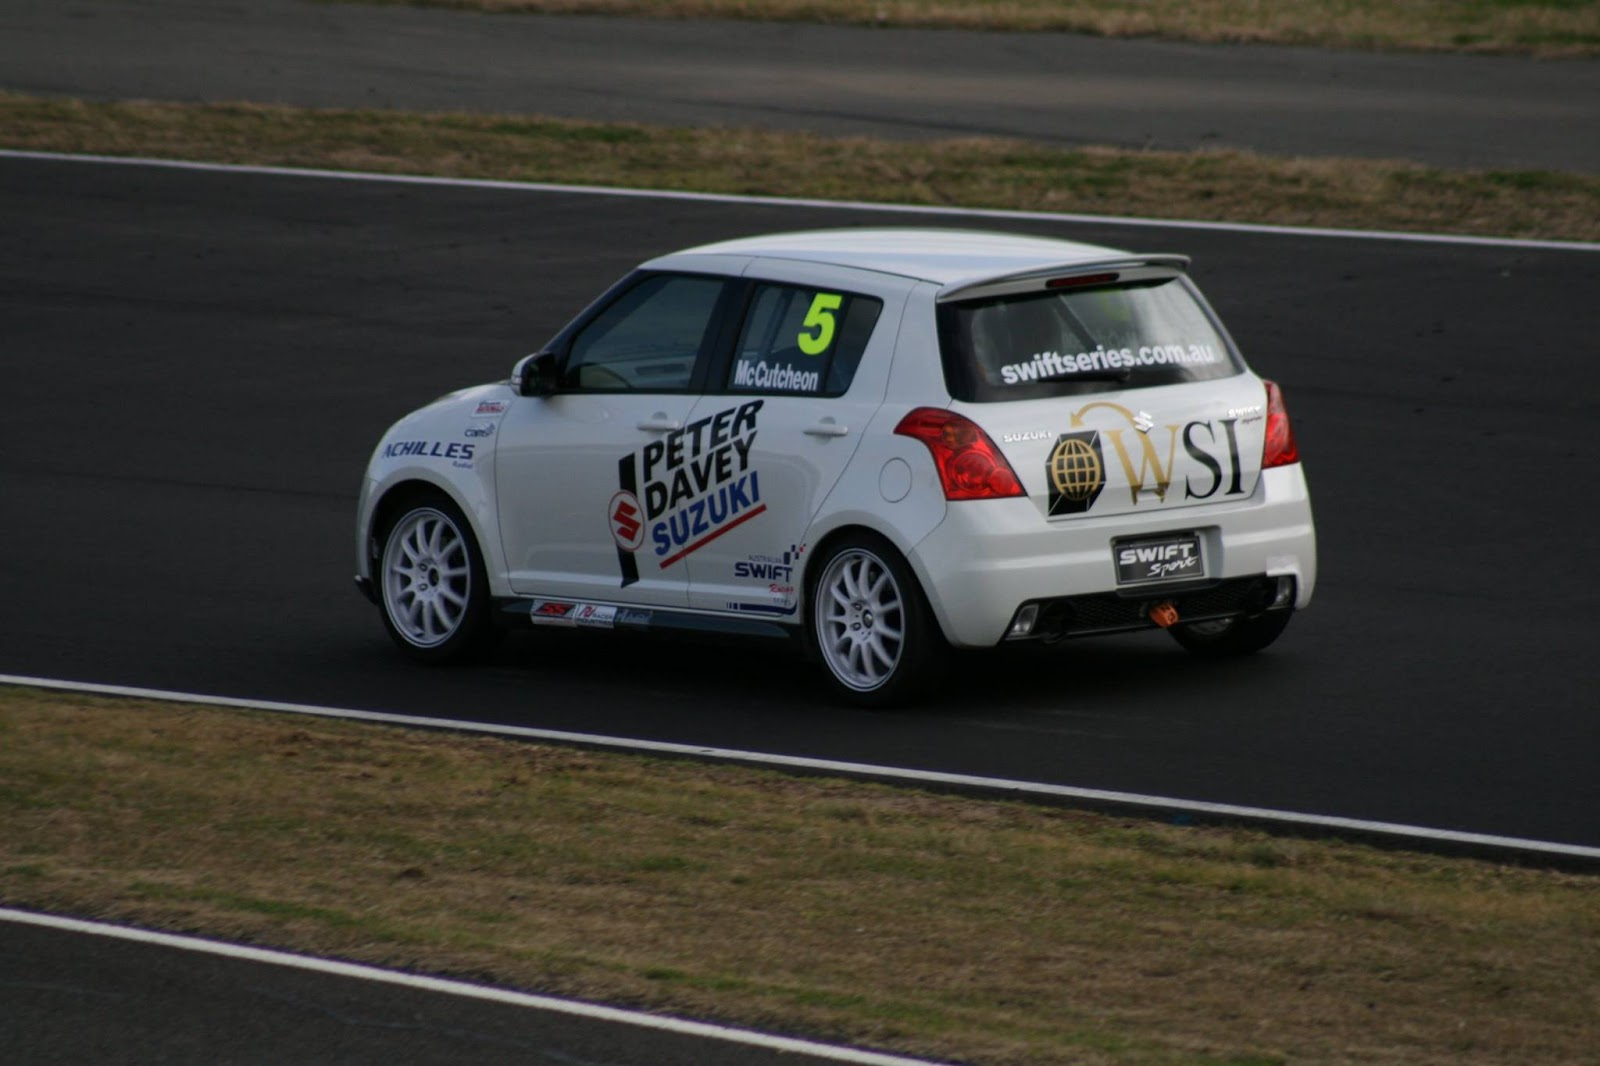 Australian Swift Racing Series, dla młodych kierowców wyścigowych, Suzuki Swift